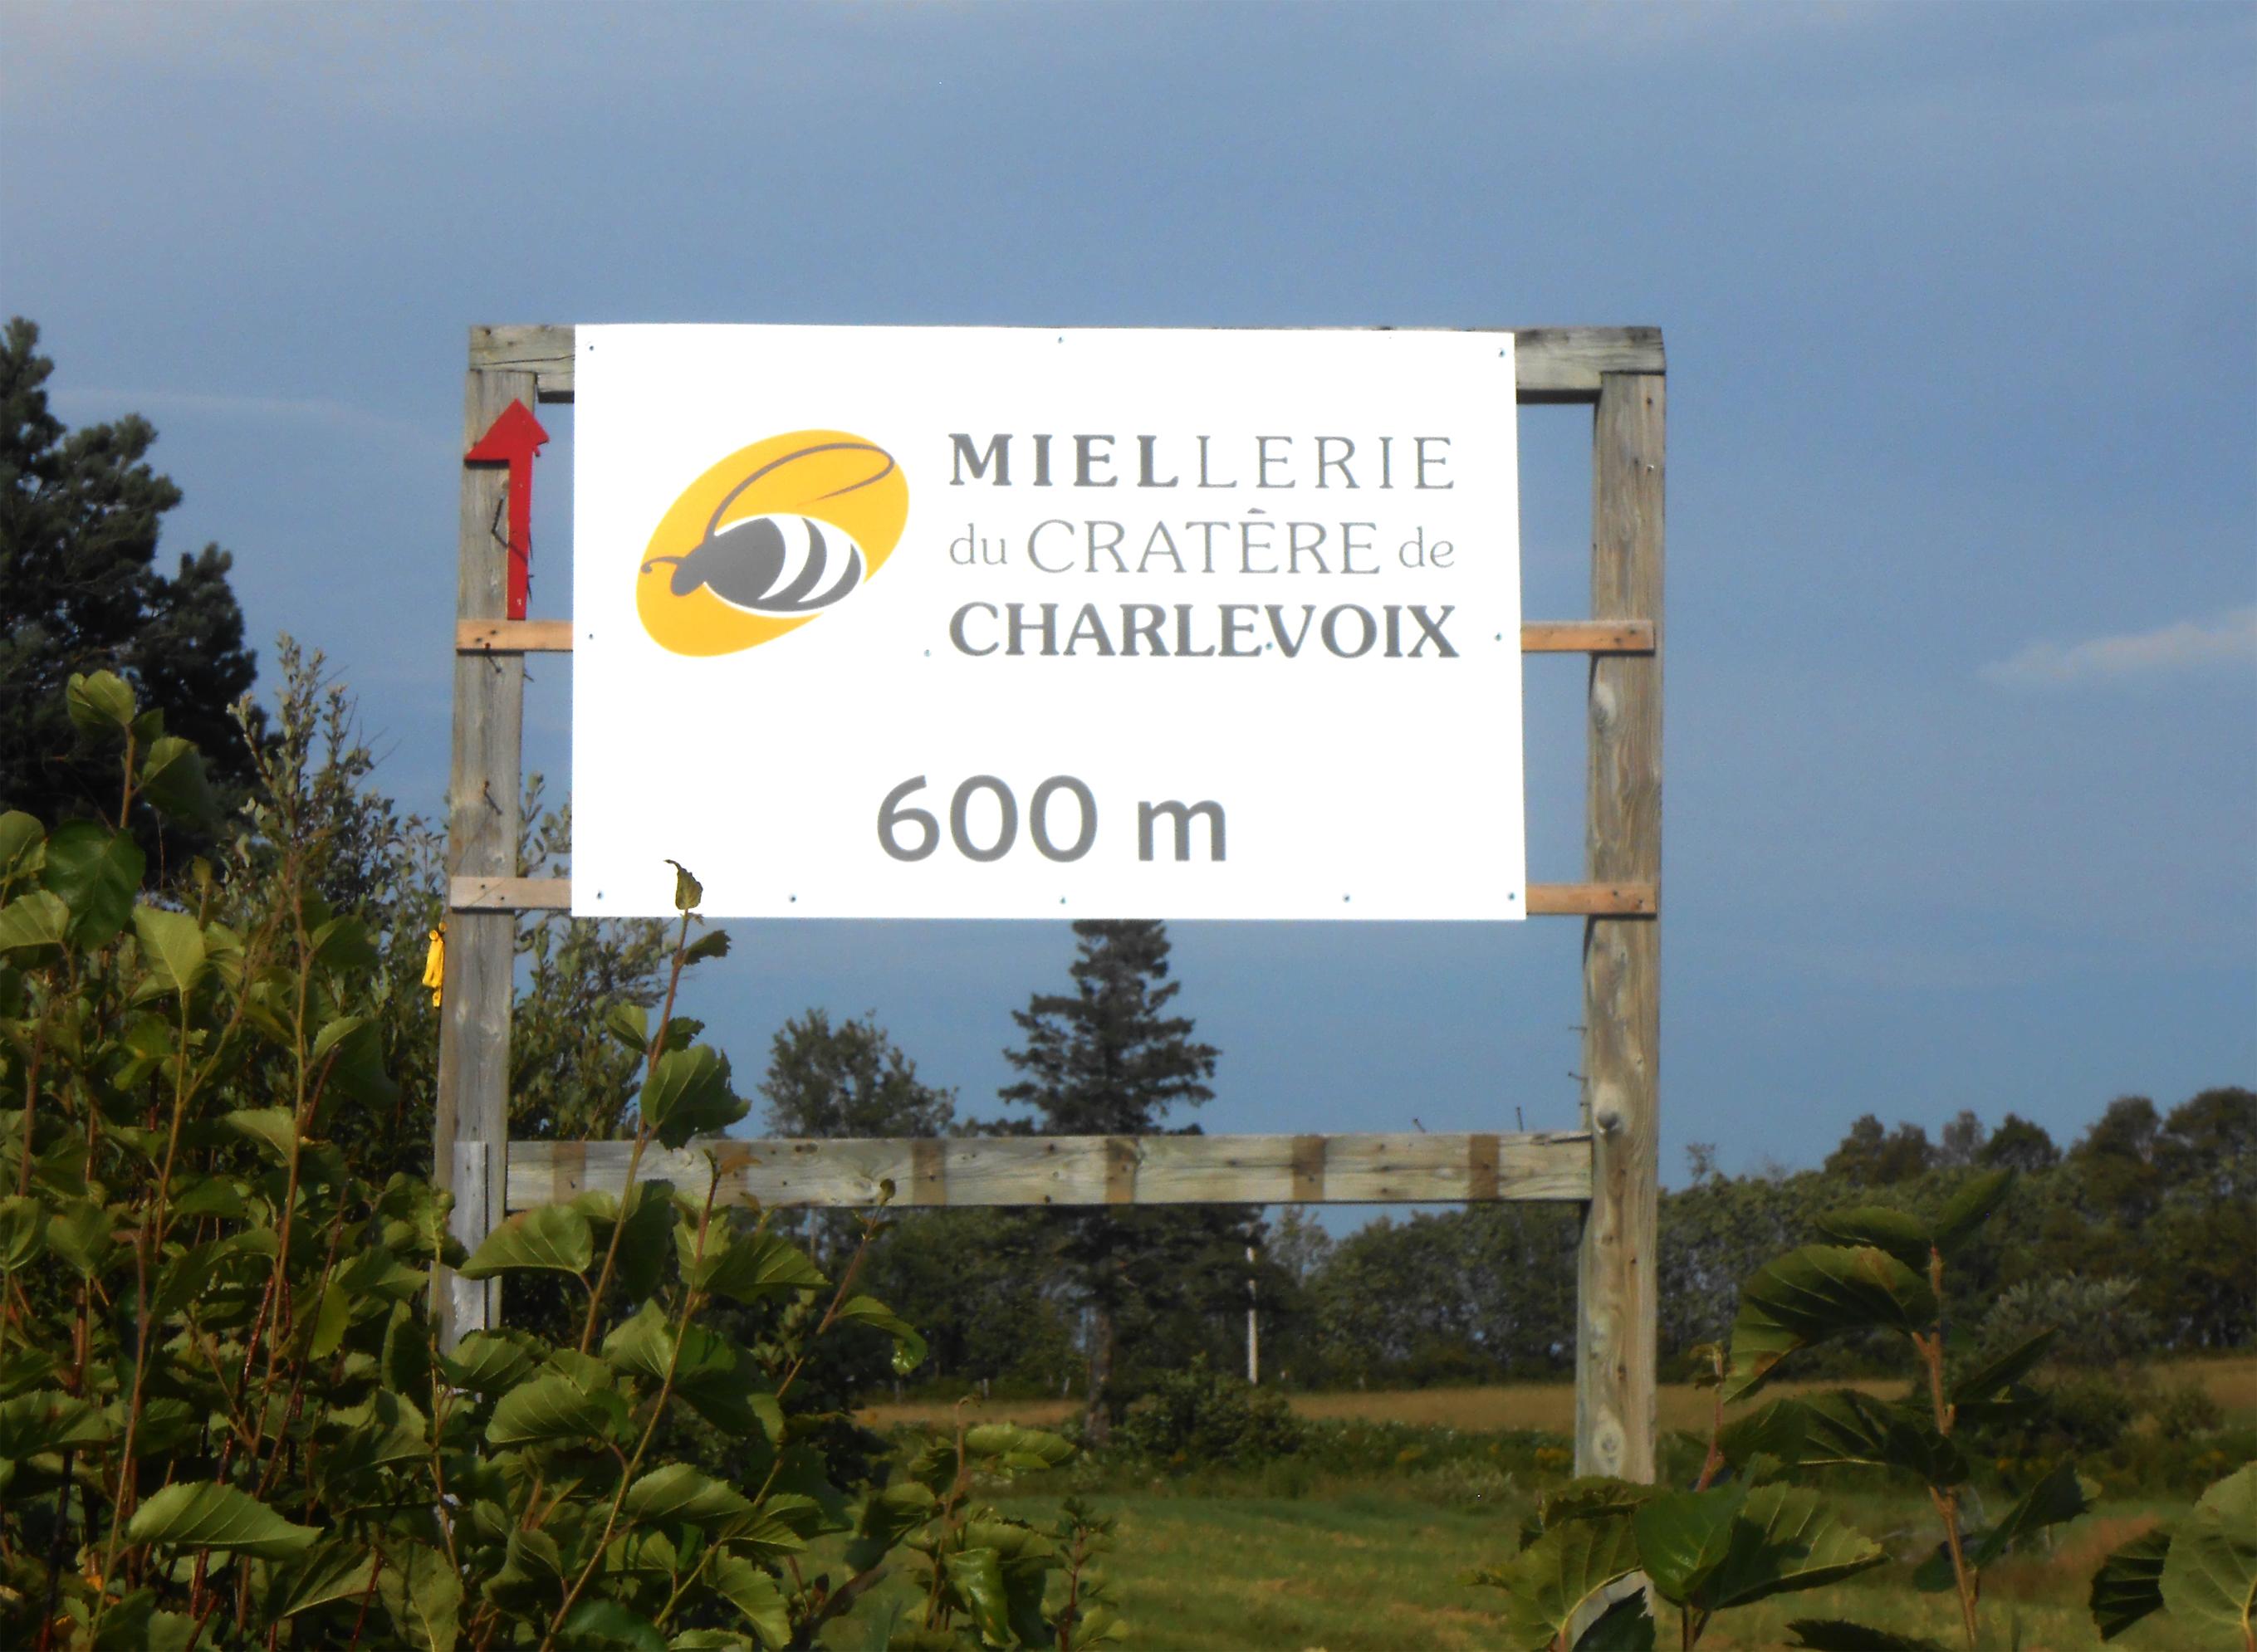 Miellerie du Cratère de Charlevoix